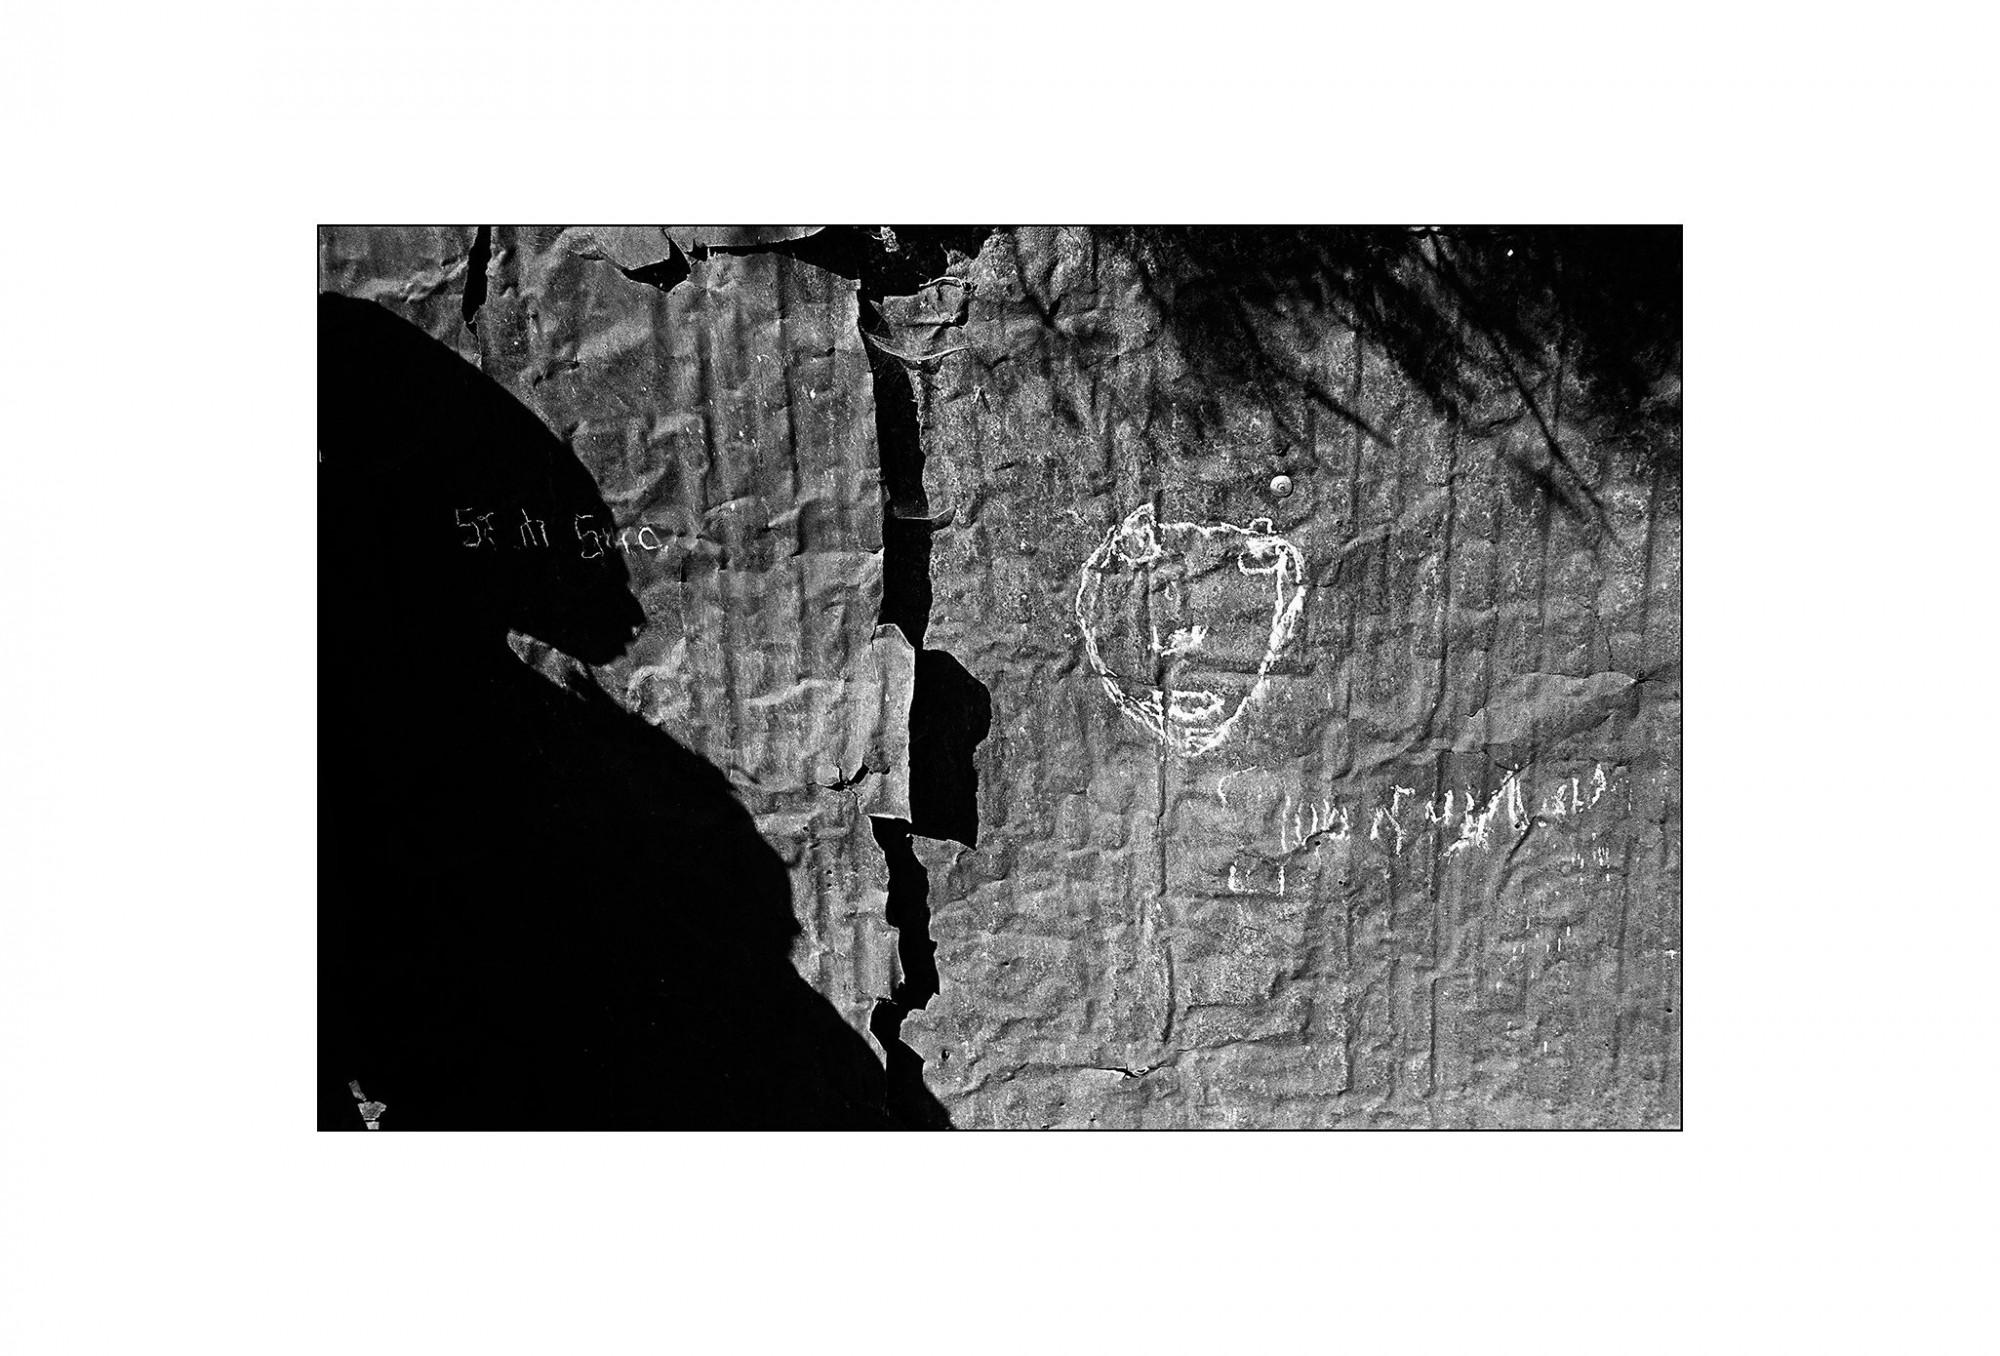 Afbeelding: Fotografie - Art, uit de reeks : De kleur van zwart. Ethiopië, 02-15-35, © Dominique Van Huffel.